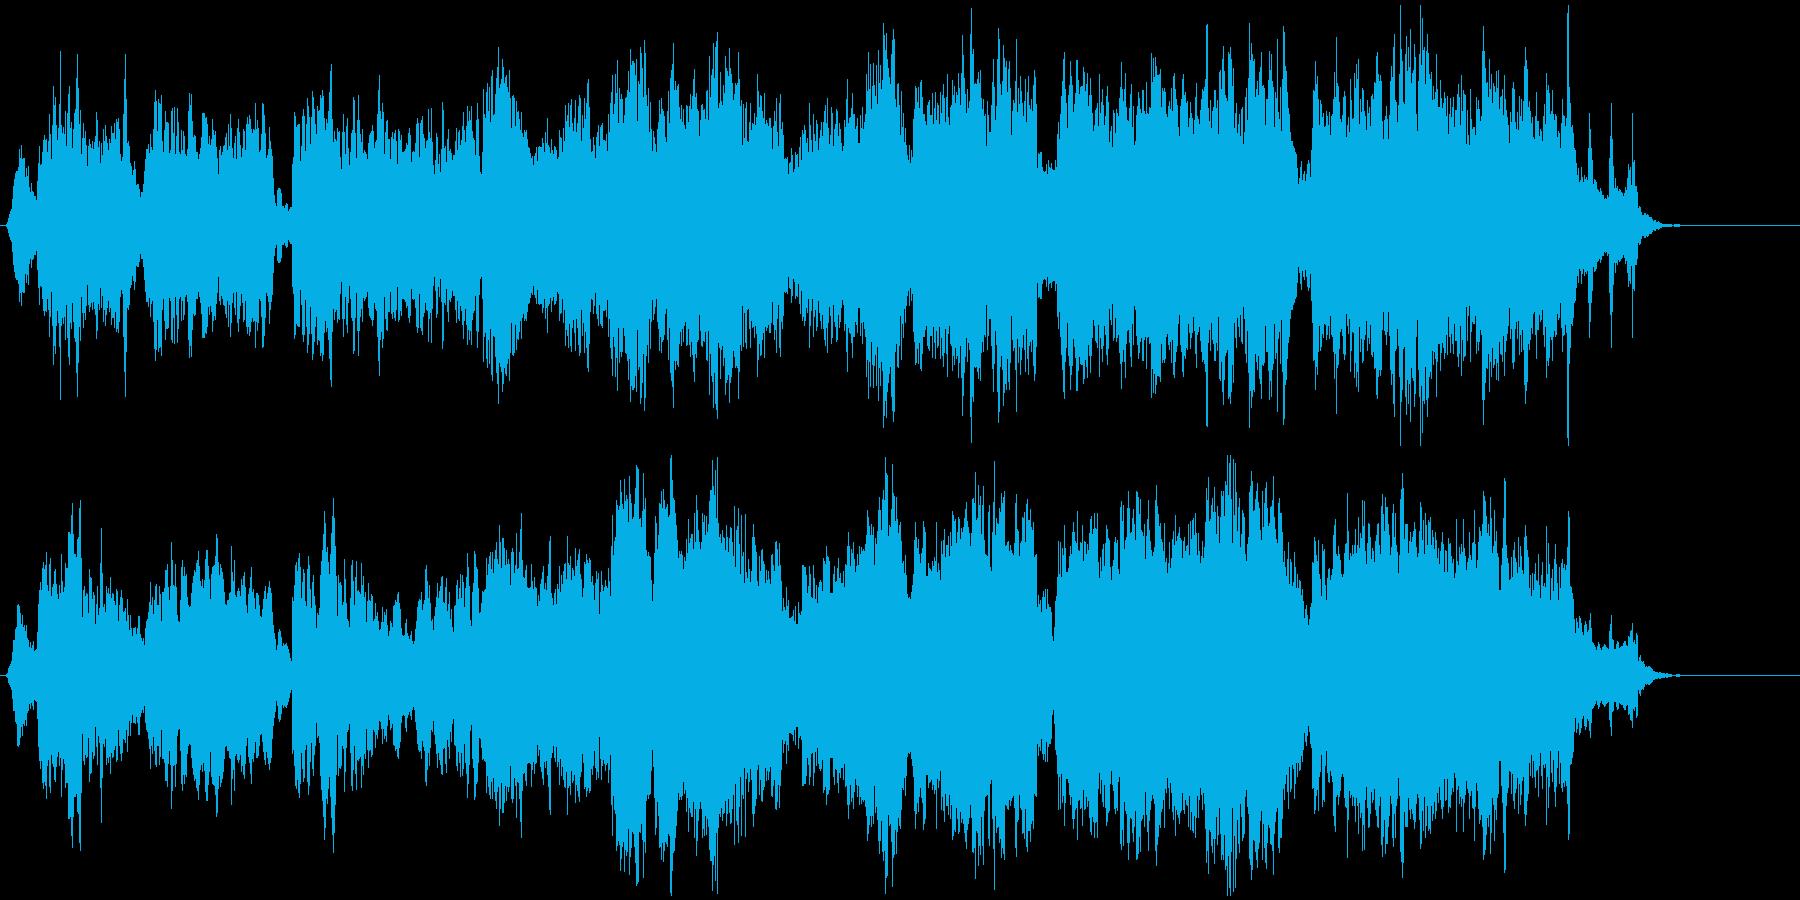 神秘的で謎めいたフャンタジーオーケストラの再生済みの波形